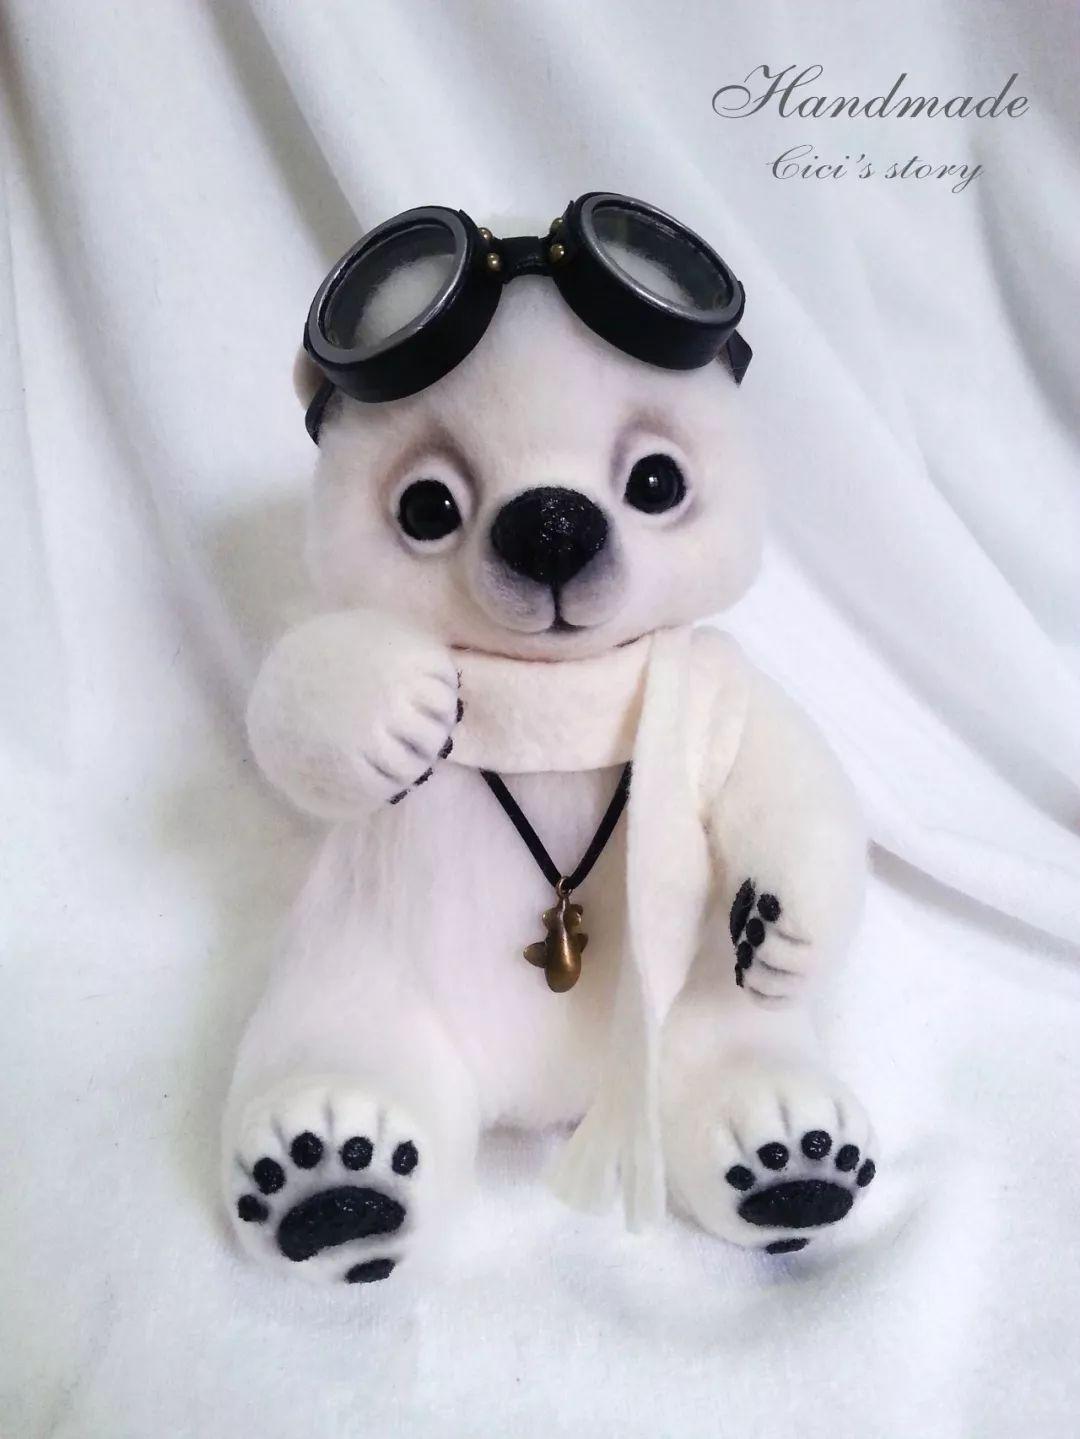 她用羊毛毡做出超可爱小动物,萌哭所有人!【免费公开课●大大微讲堂】